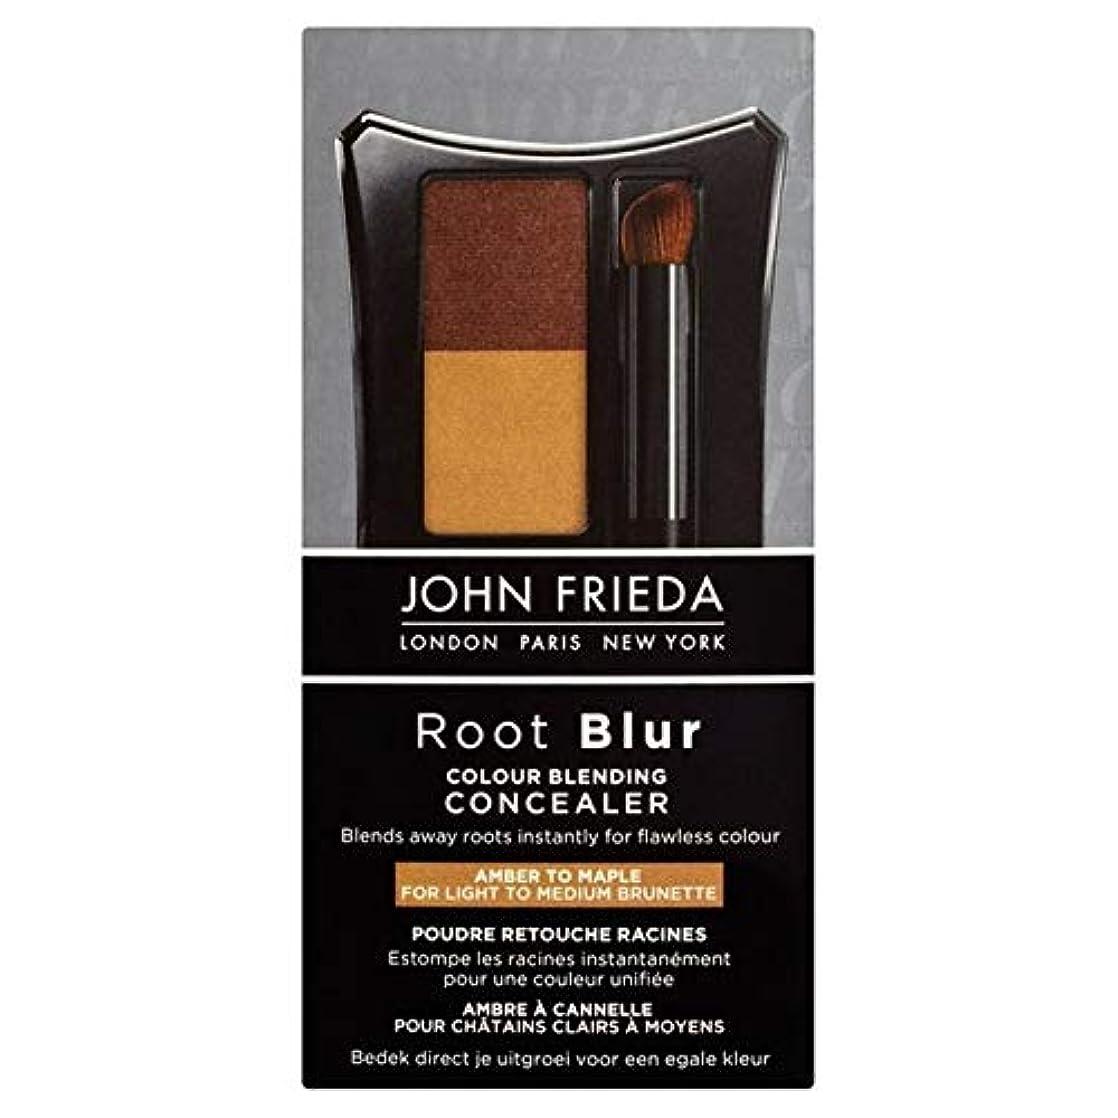 未知の宿るハイライト[John Frieda ] メープル90グラムにコンシーラー琥珀色をブレンドジョン?フリーダルートぼかし色 - John Frieda Root Blur Colour Blending Concealer Amber to Maple 90g [並行輸入品]